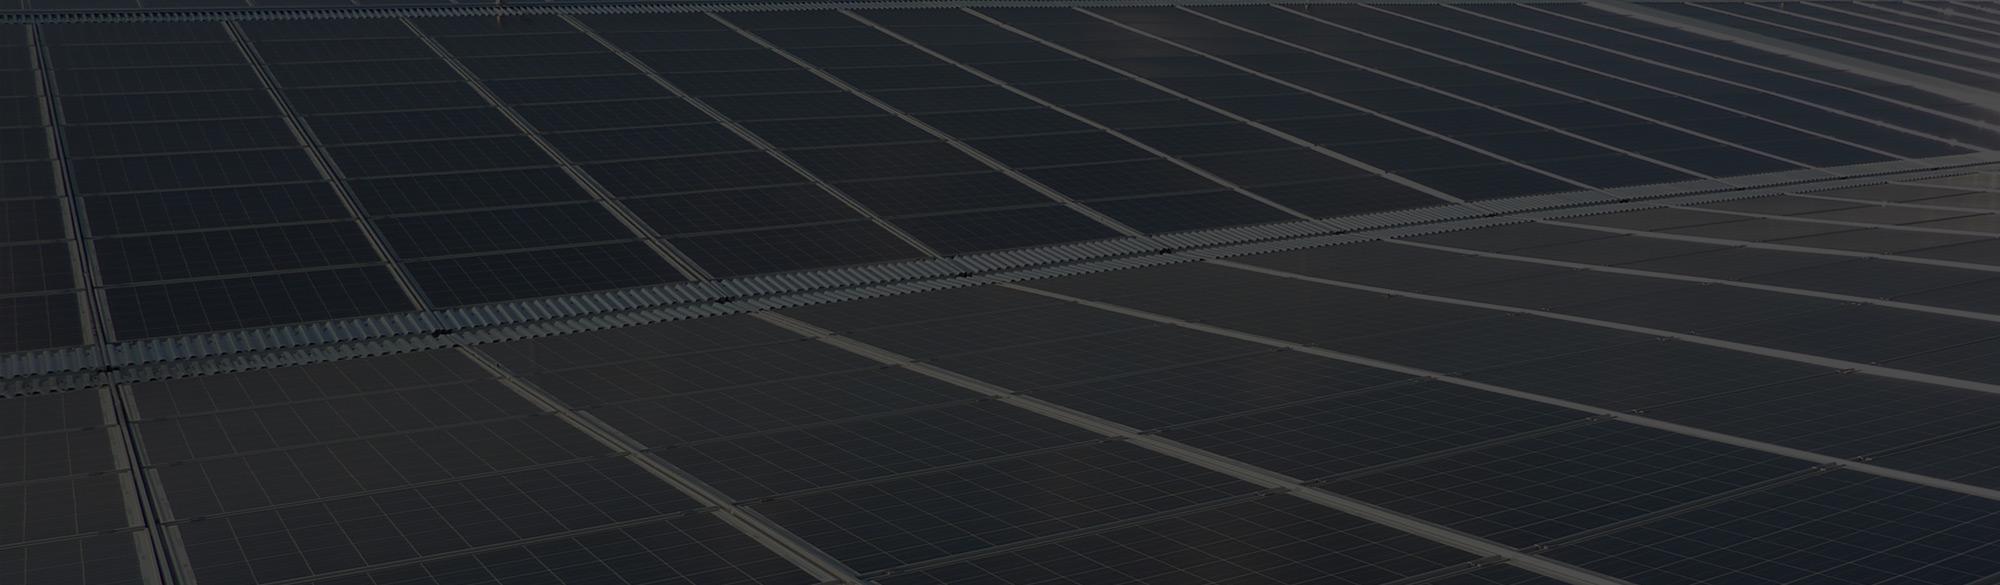 9.Predisposizione-fotovoltaico